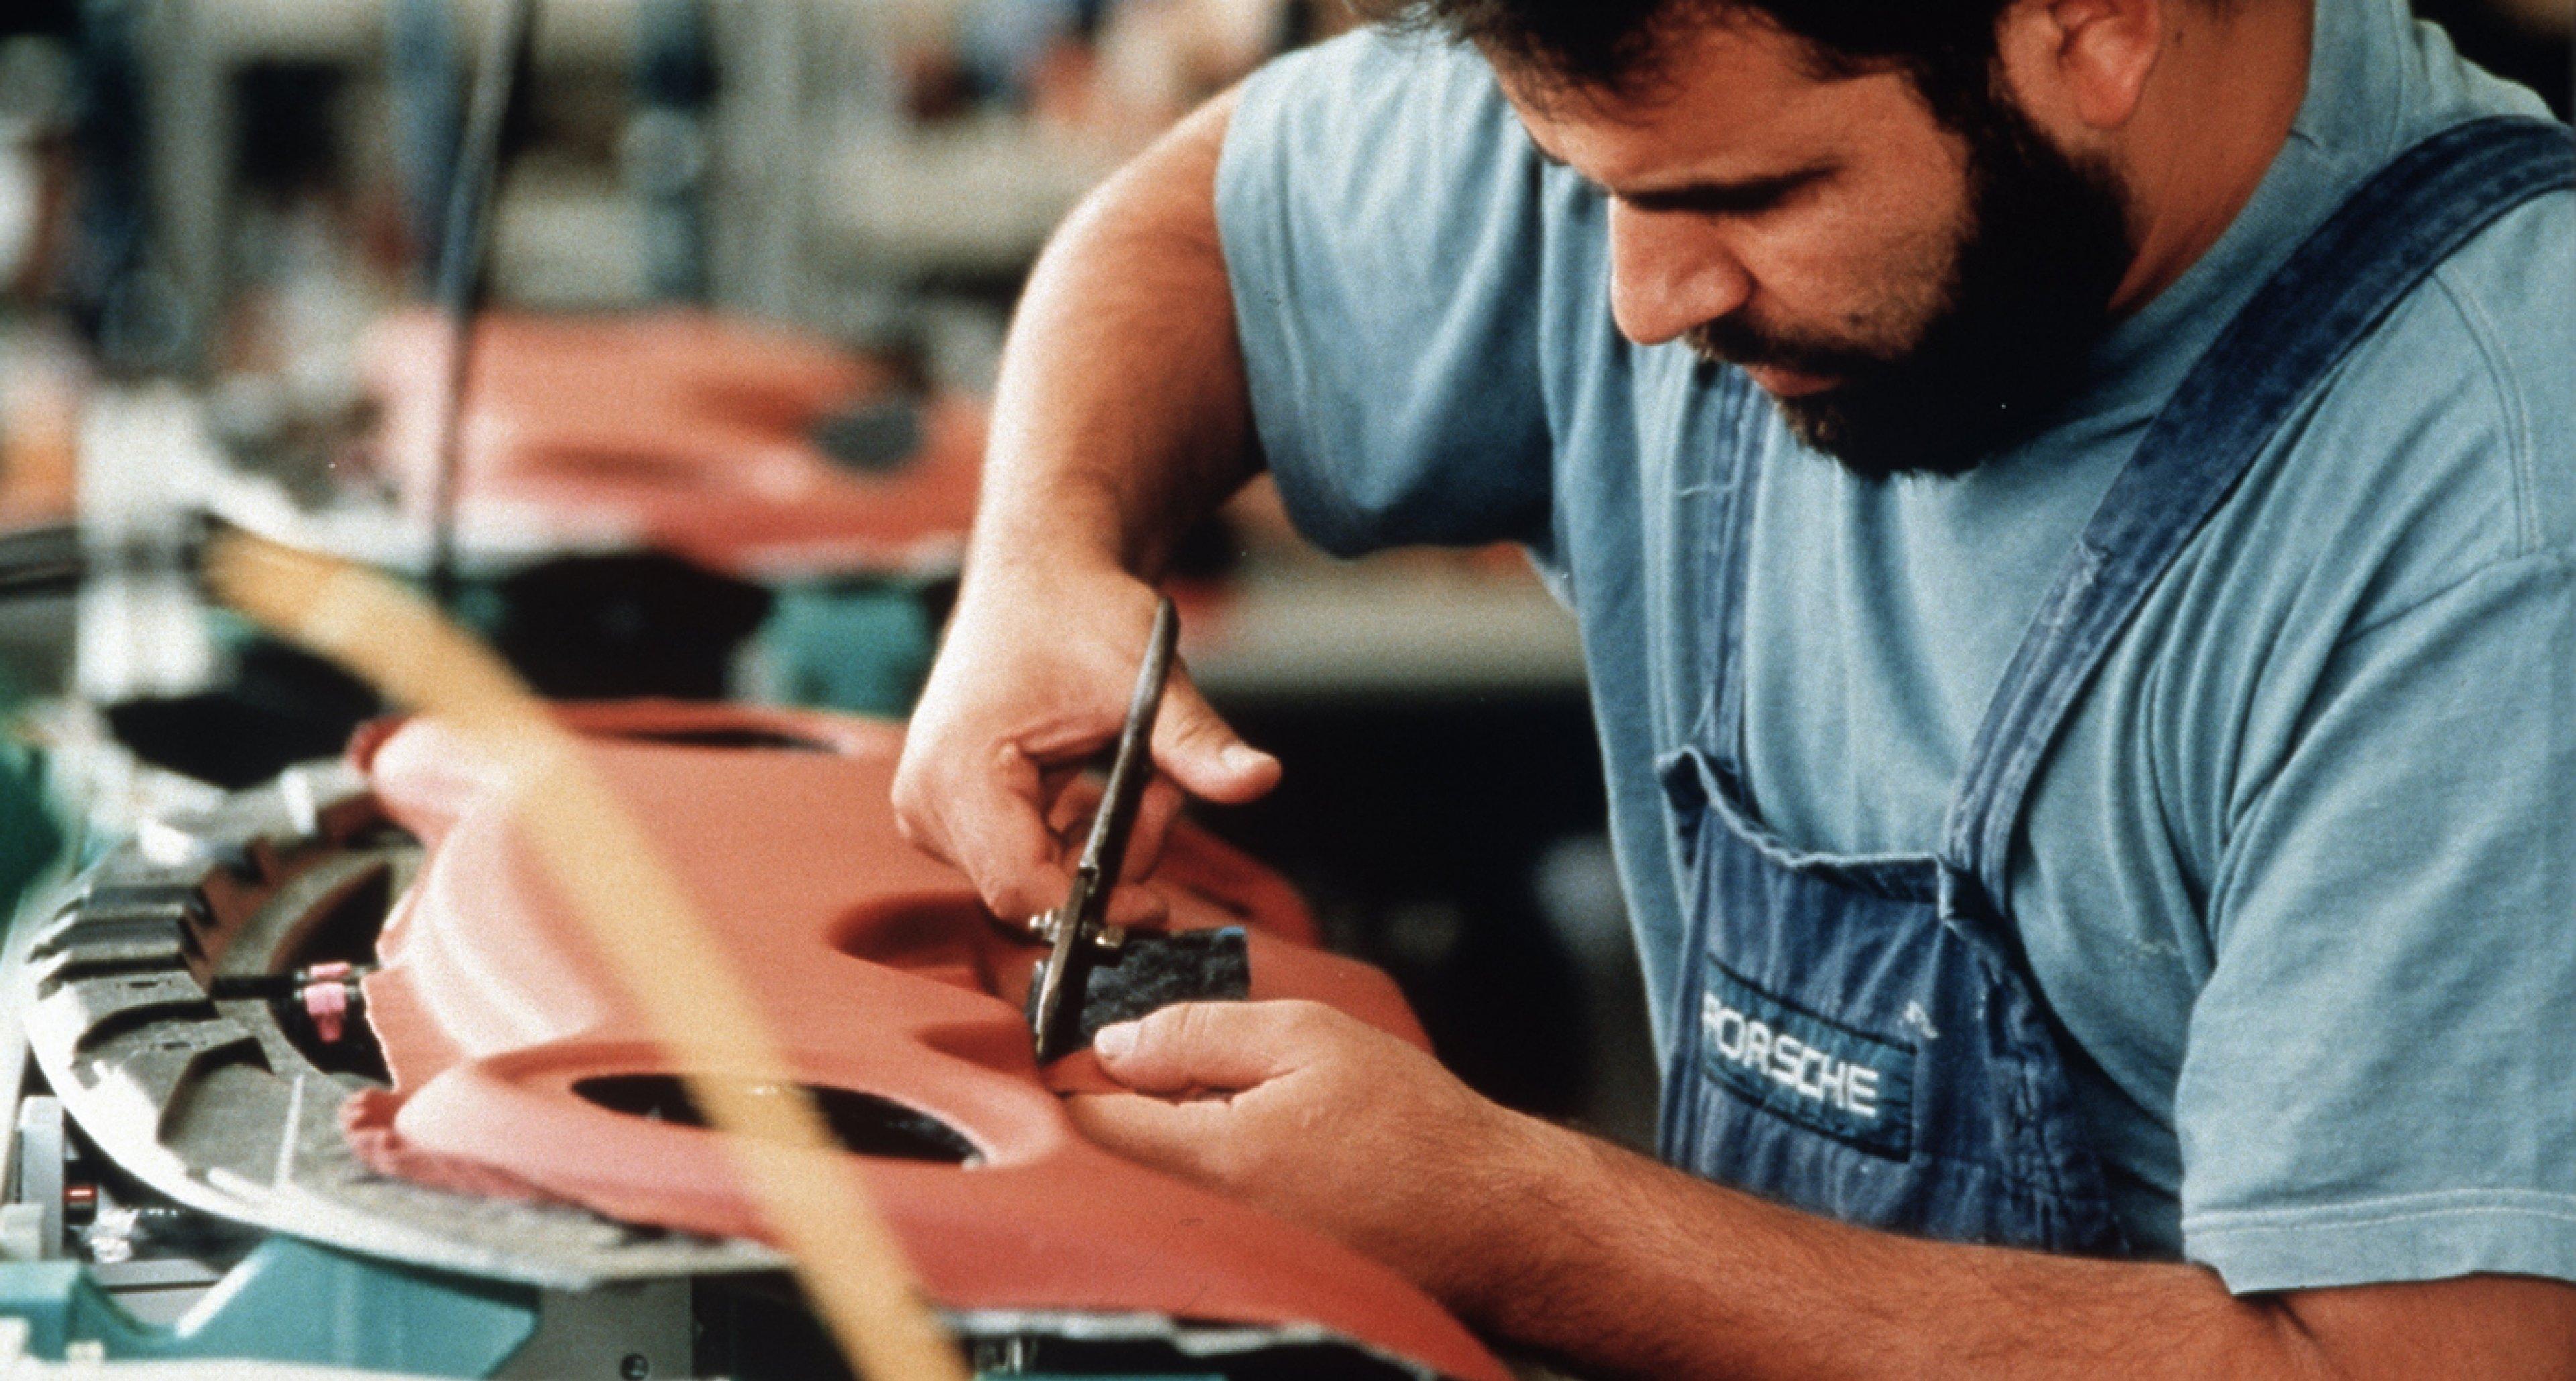 Craftsmanship at 'Porsche Exclusive' in 1998.